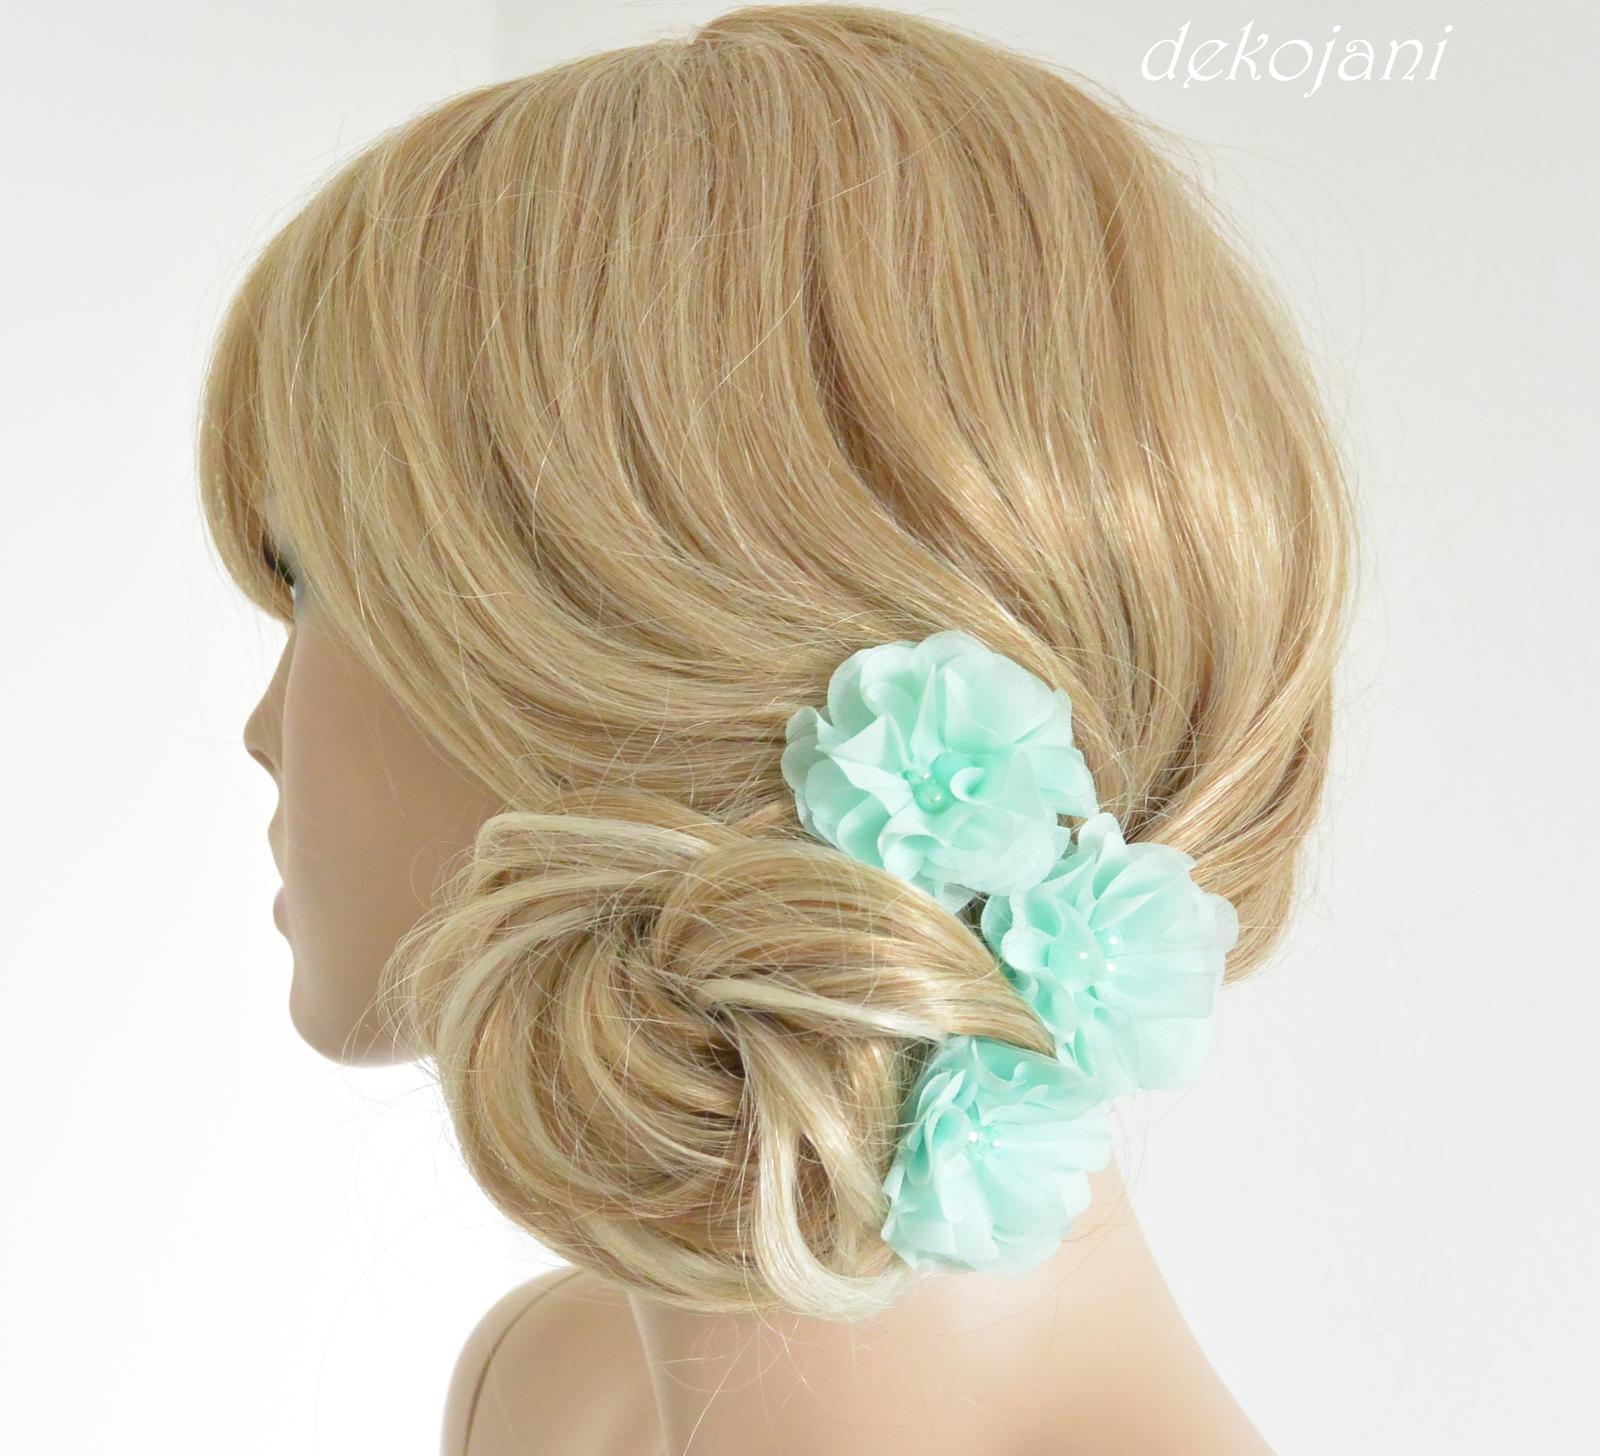 Svatební květina do vlasů na pinetě - Obrázek č. 1